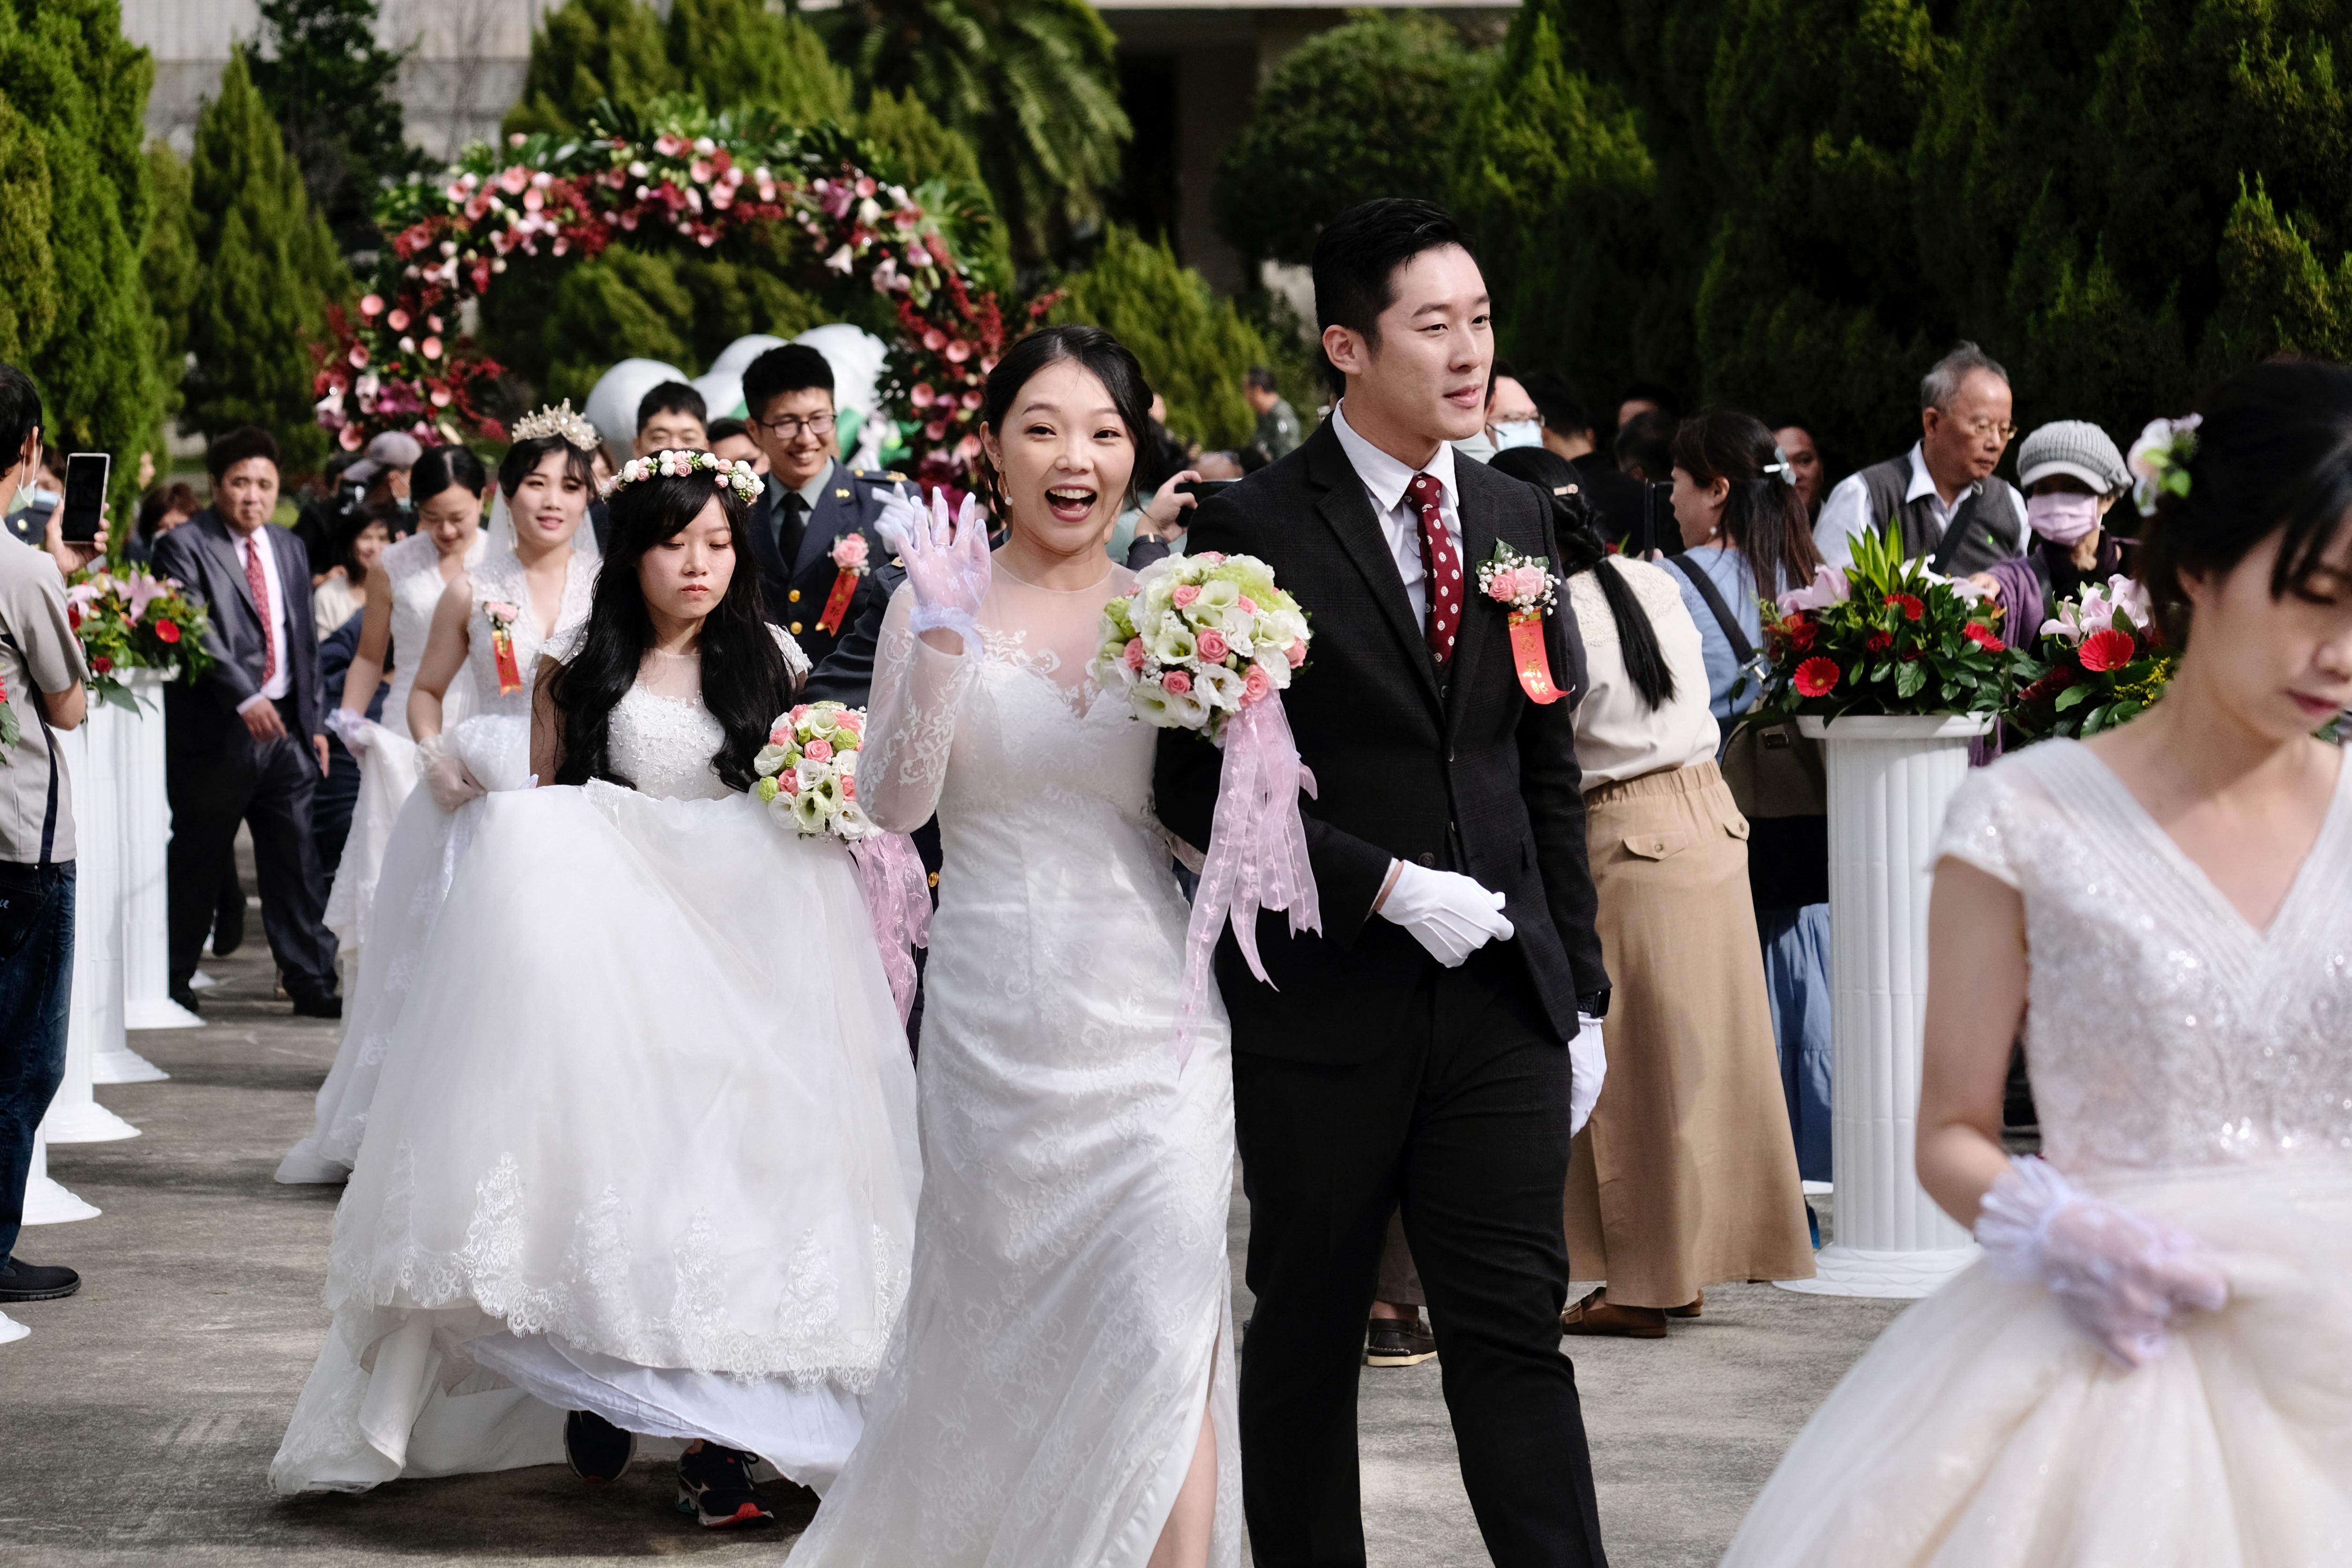 Egy tajvani pár 37 nap alatt négyszer házasodott össze, és háromszor vált el, hogy extra nászutas szabadságot kapjanak